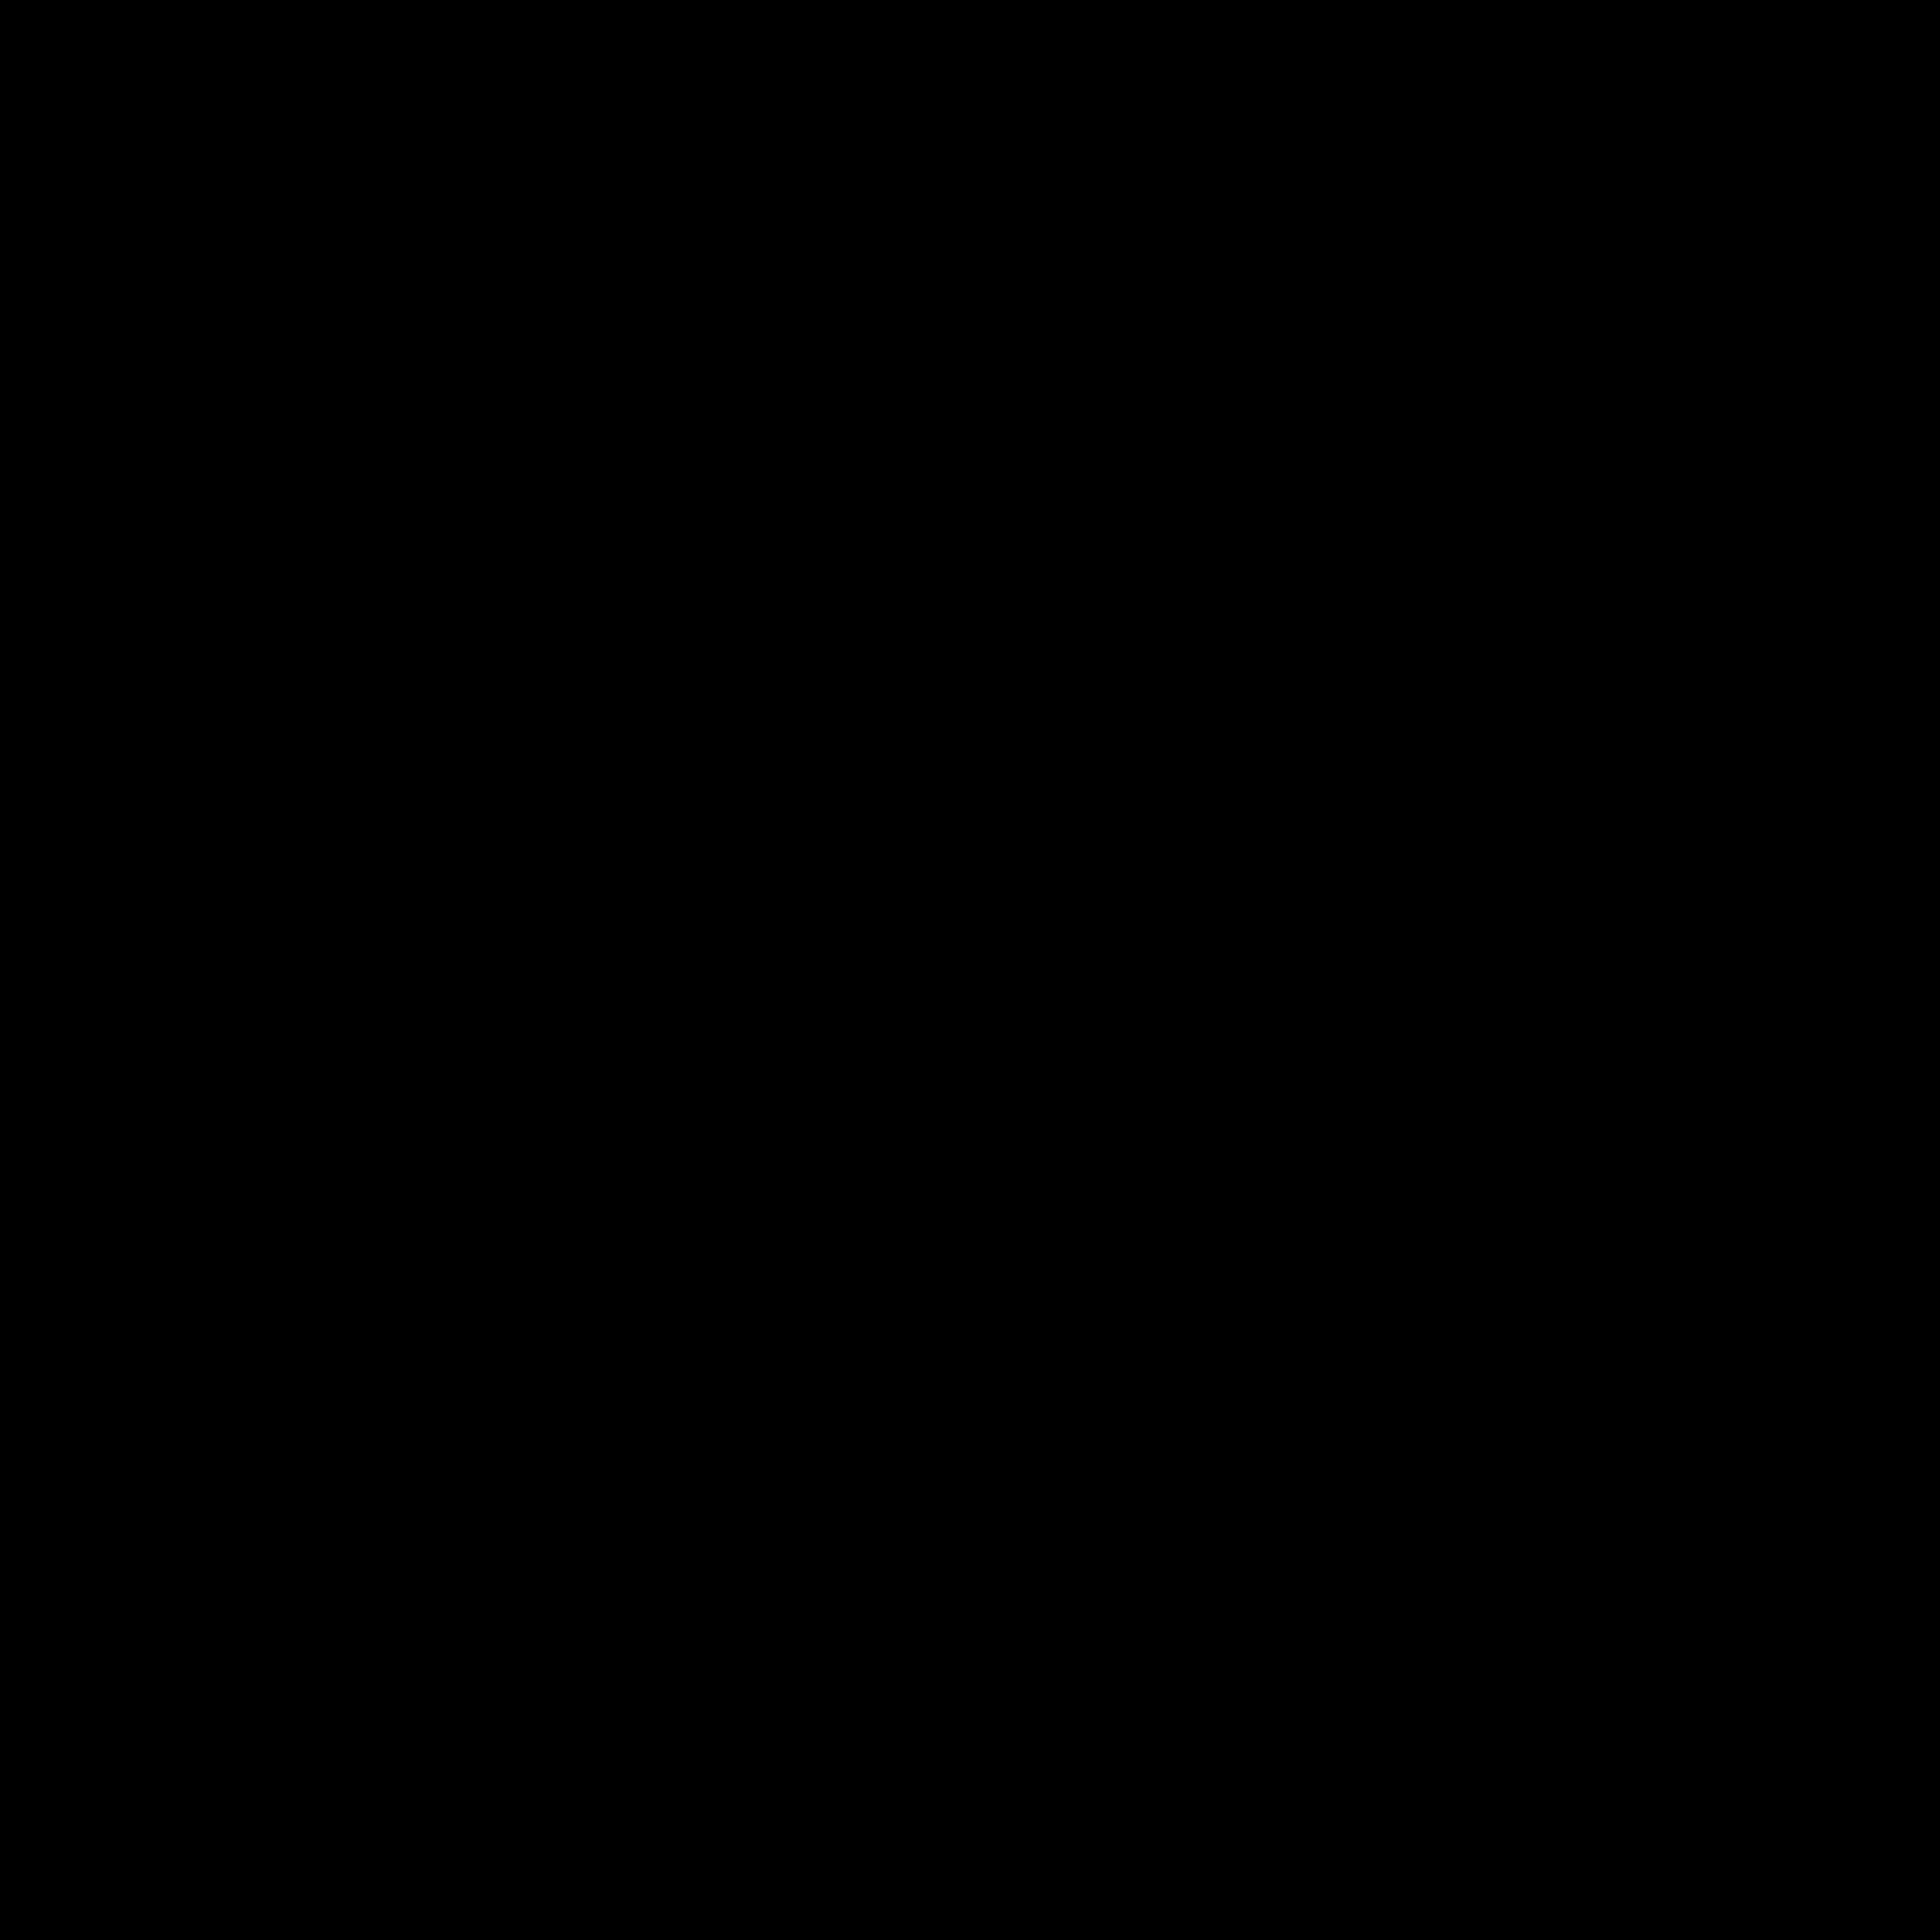 パース定規 楕円 魚眼レンズ パース 描き方